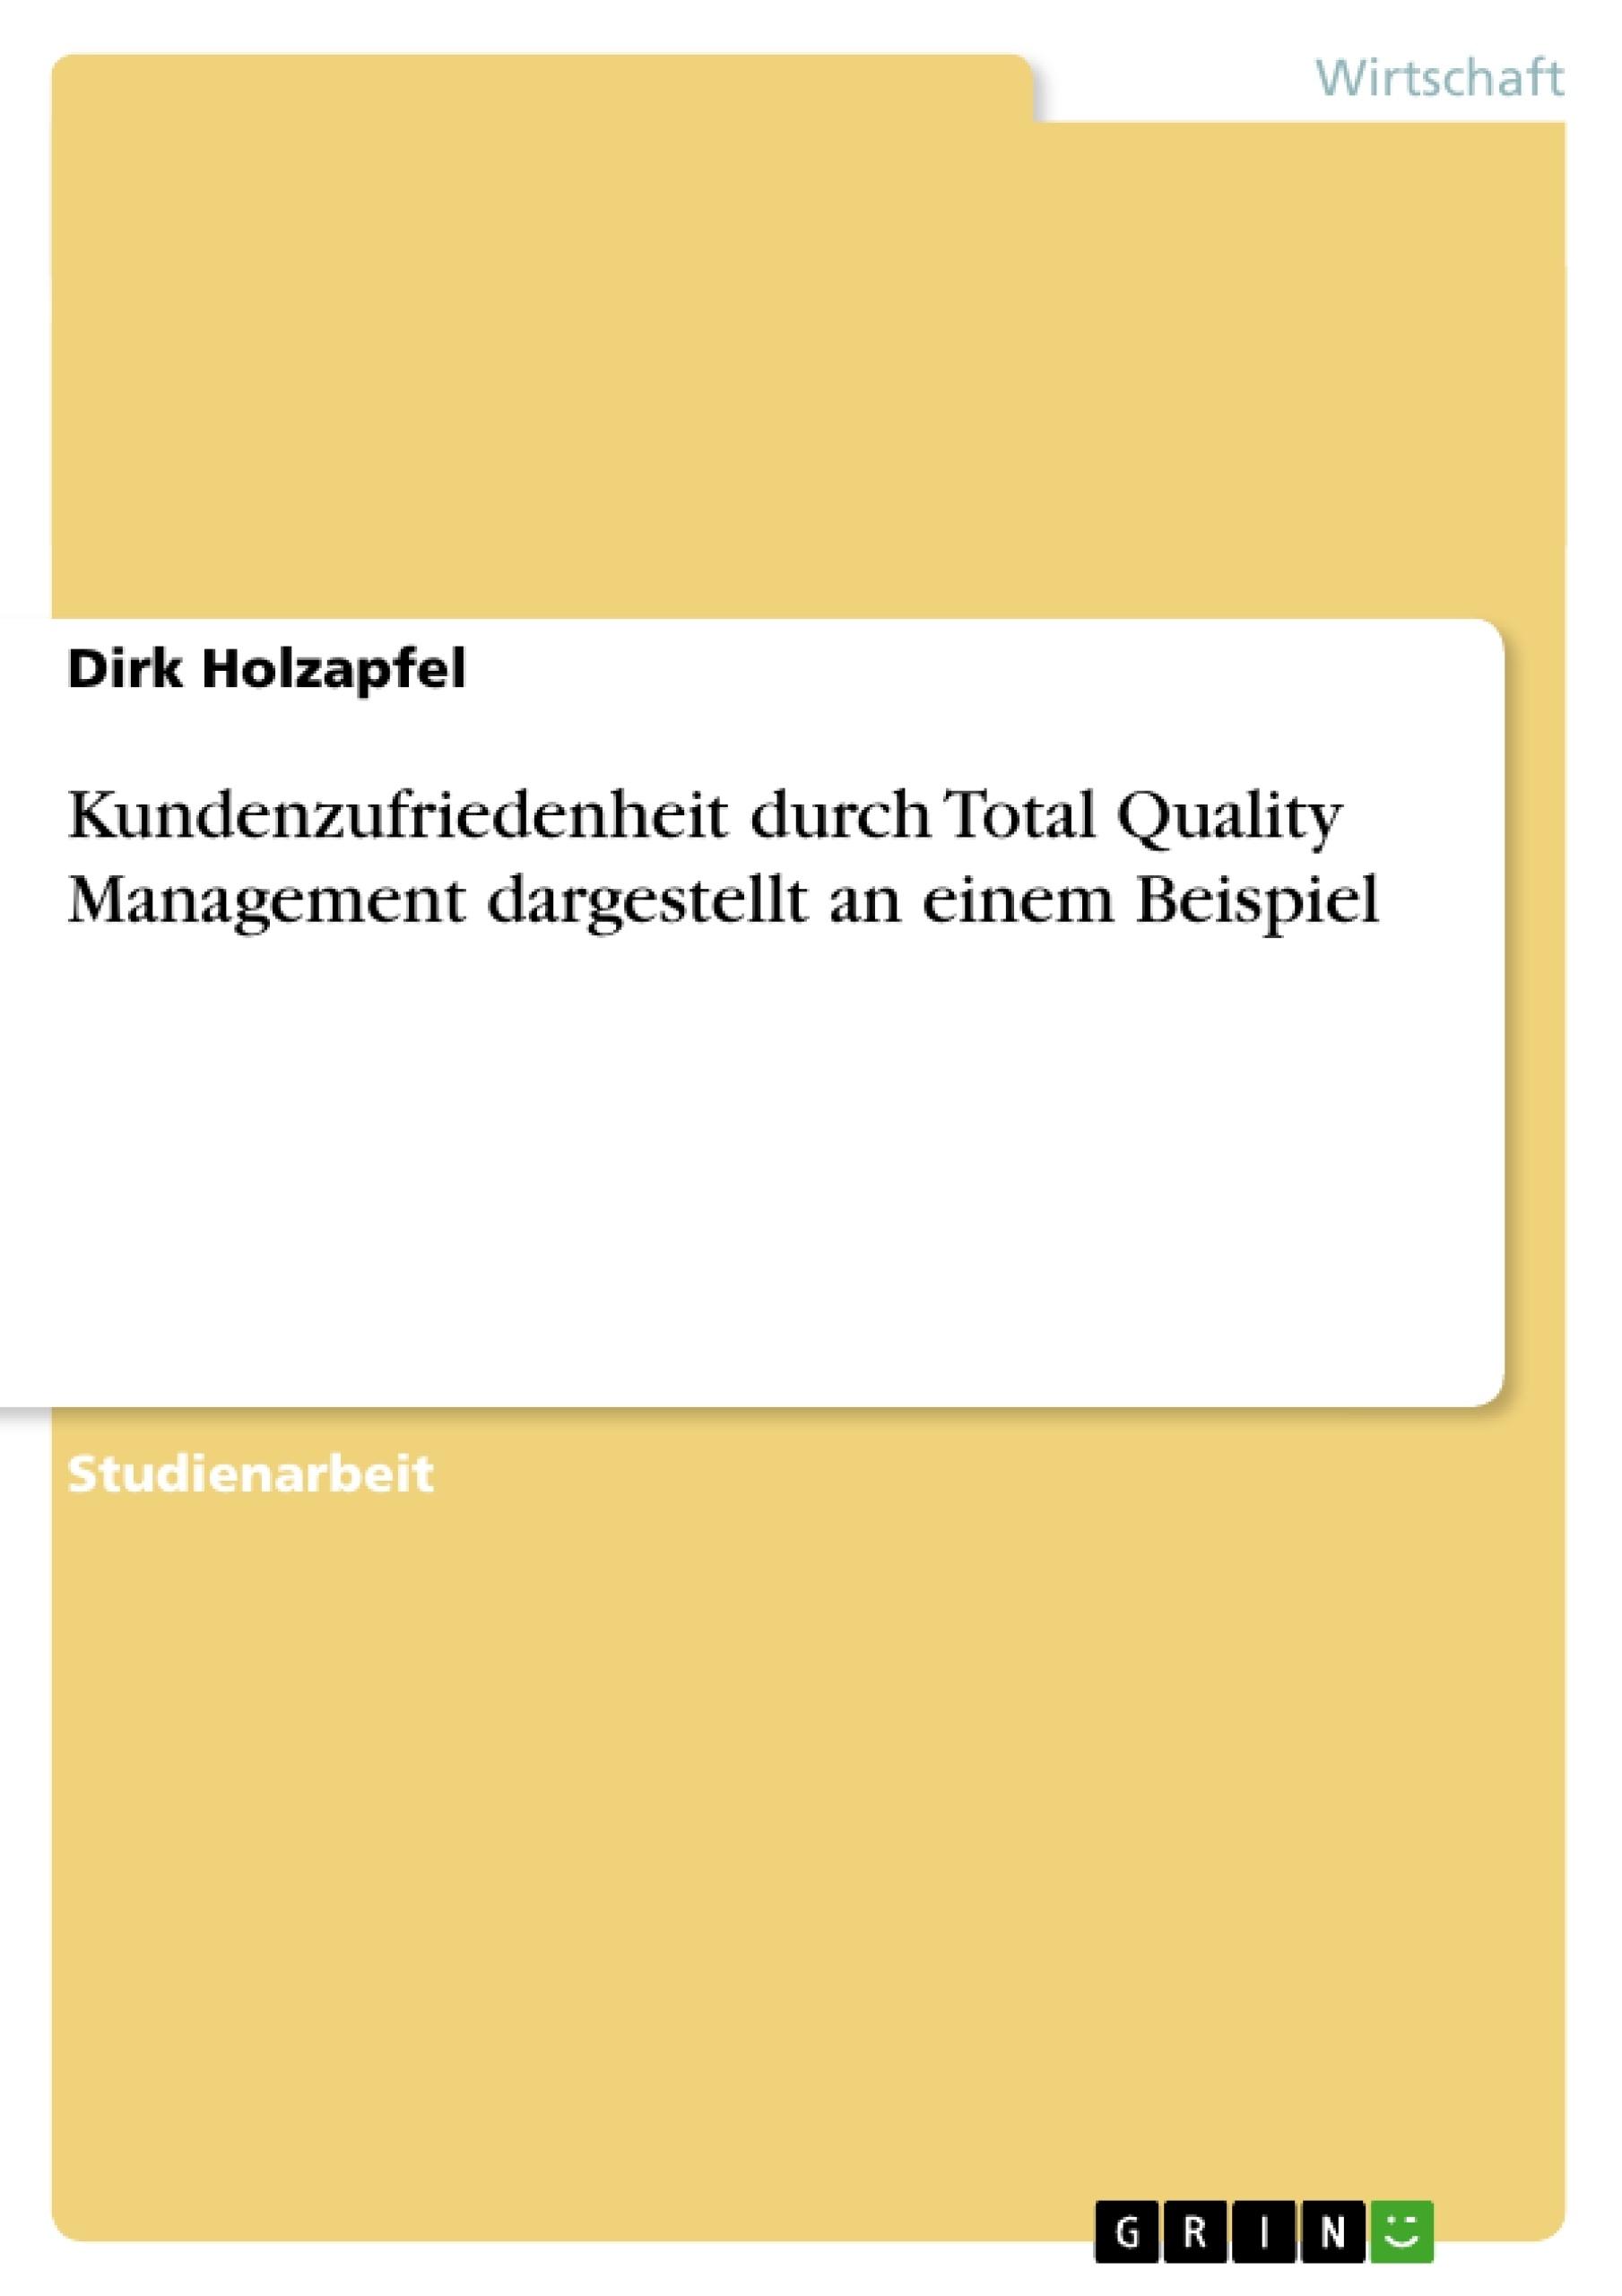 Titel: Kundenzufriedenheit durch Total Quality Management dargestellt an einem Beispiel